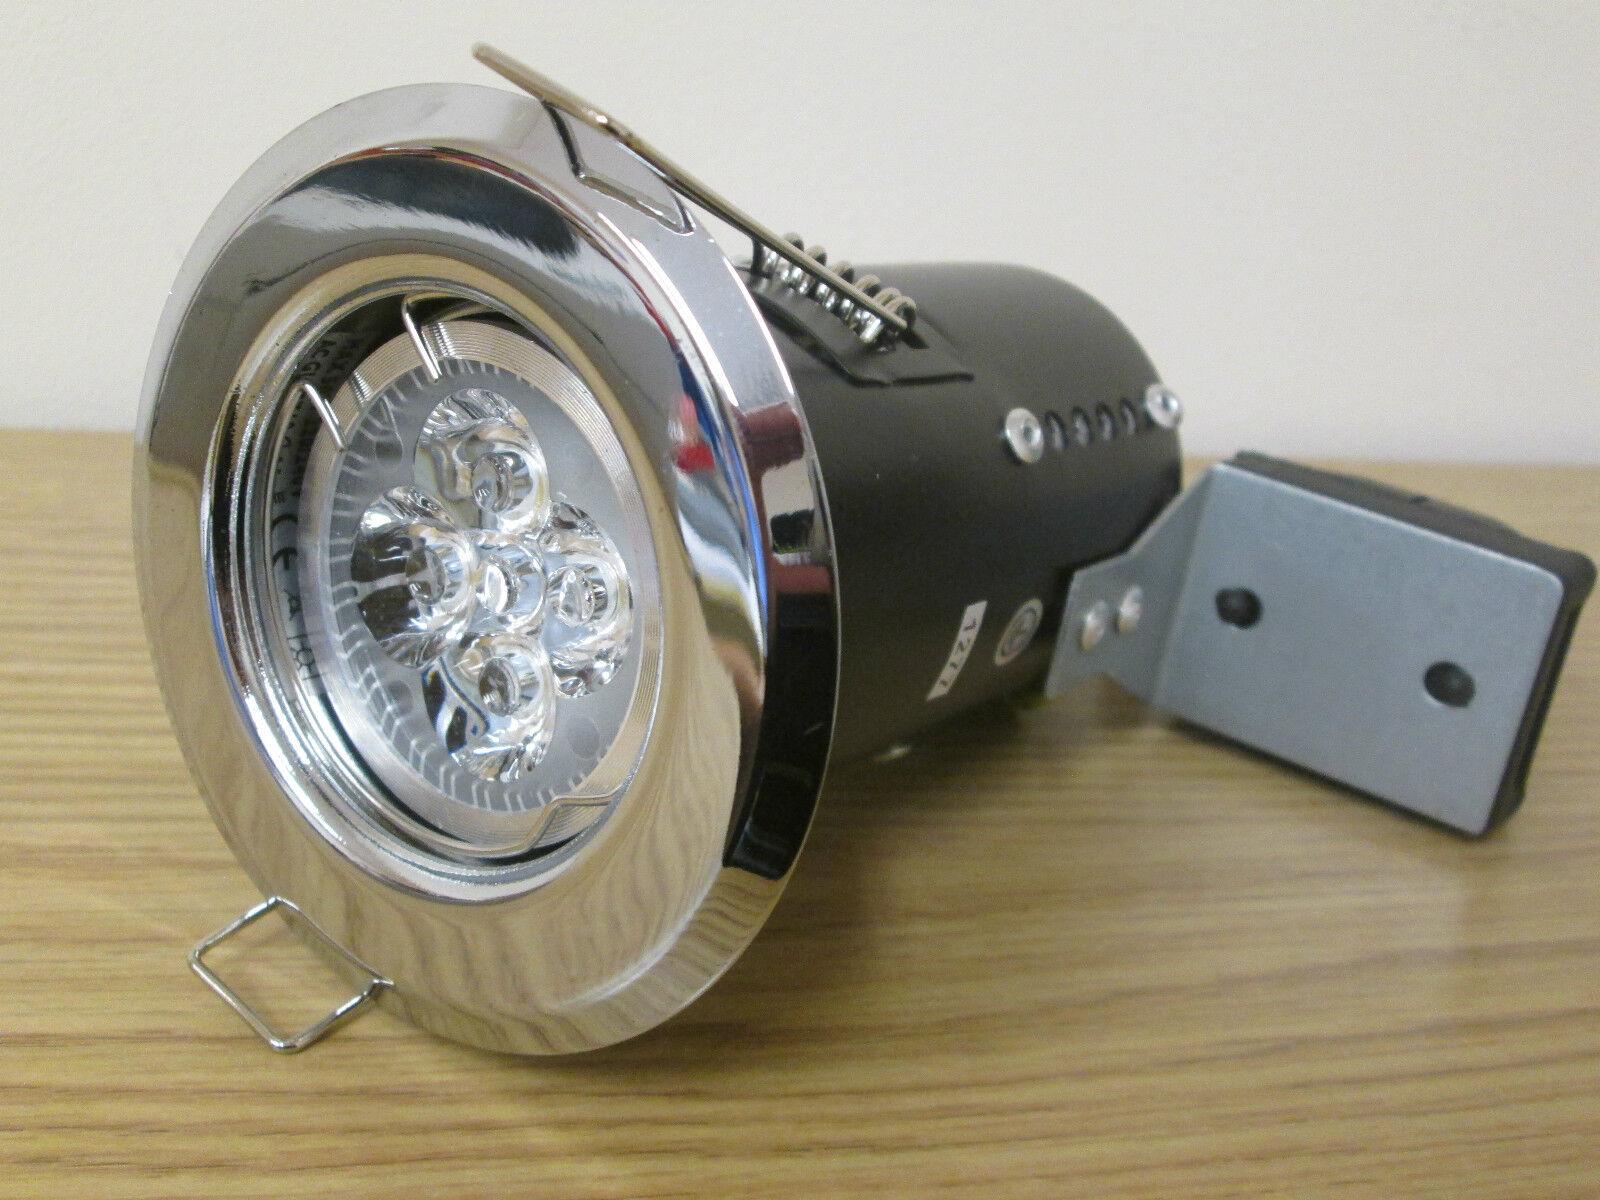 10 X fuego con calificación de 4 vatios Led Gu10 Fija Downlight blancoo Cálido Cromo Pulido Nueva